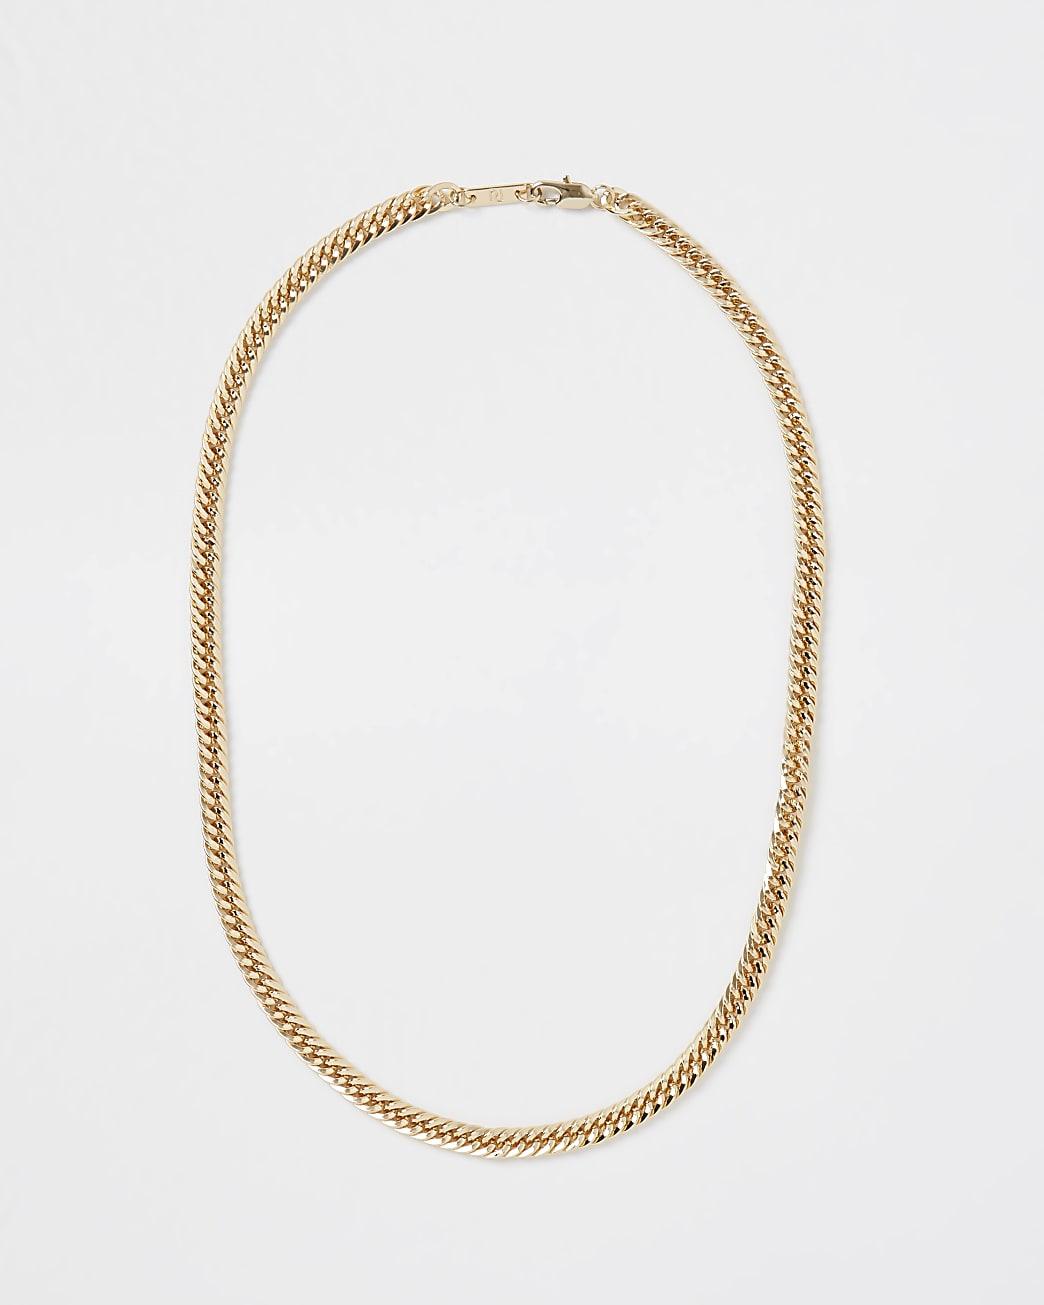 Gold RI chain necklace